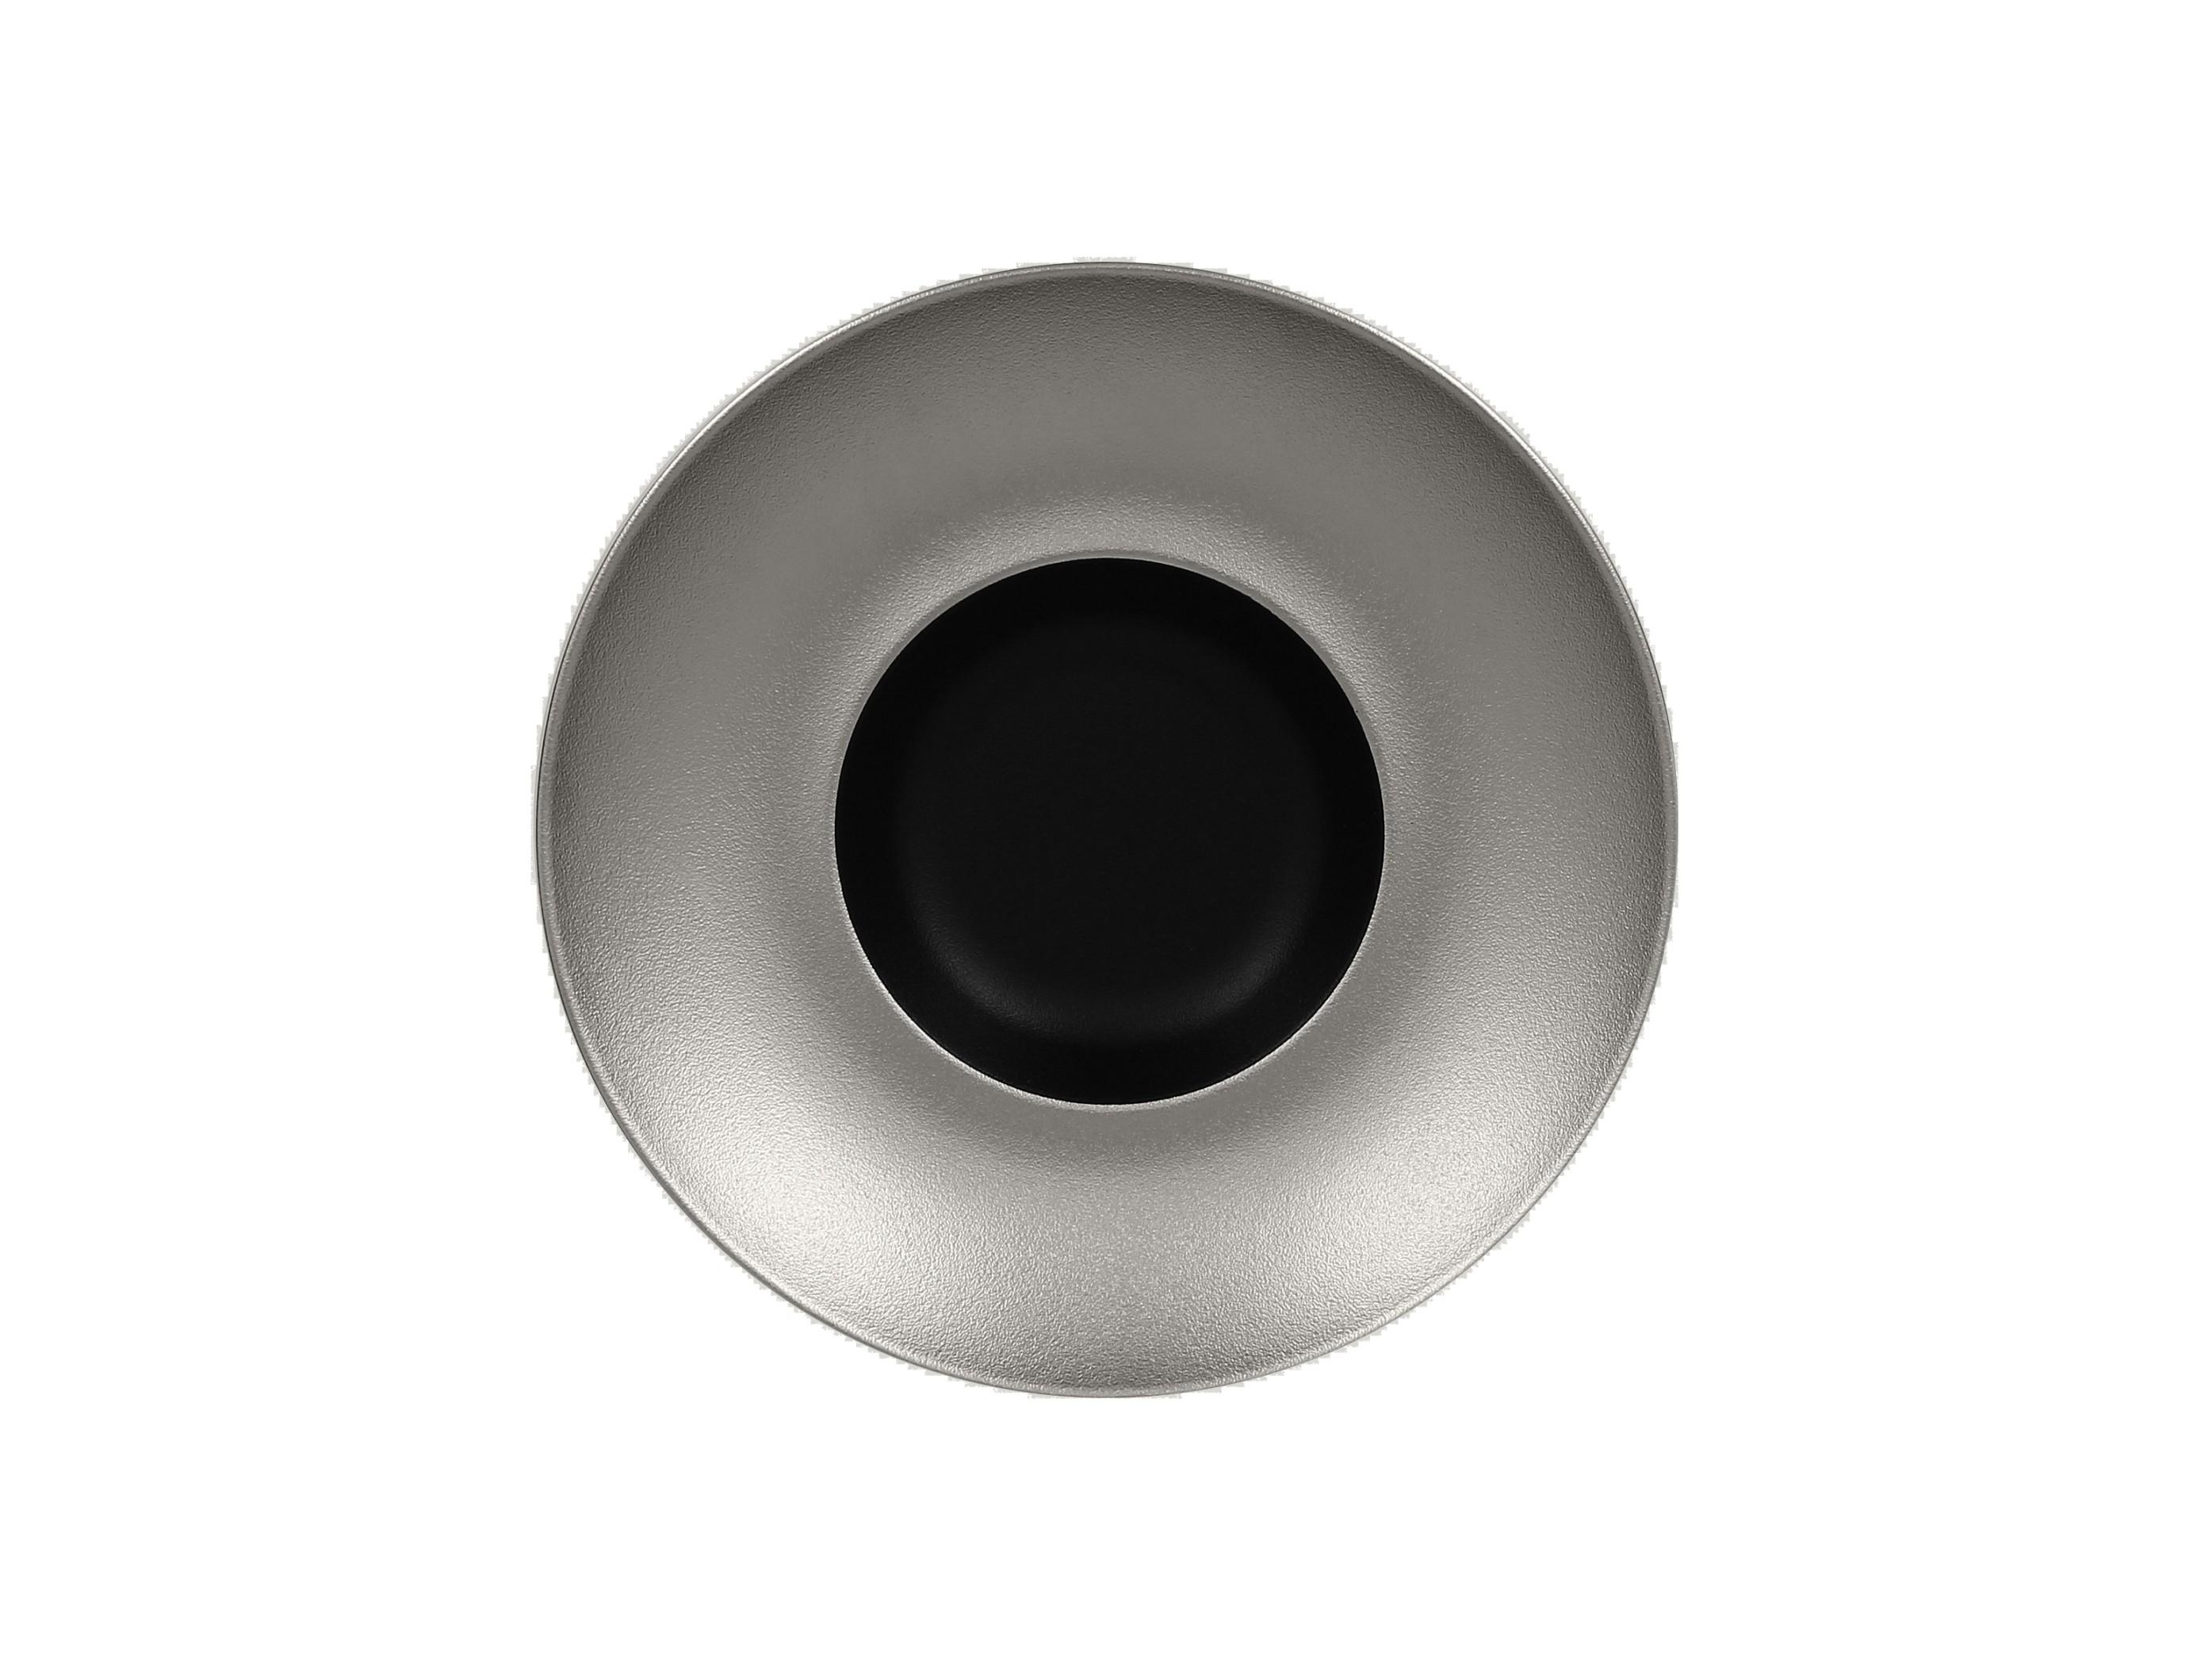 RAK | Metalfusion talíř hluboký Gourmet pr. 26 cm, černo-stříbrný